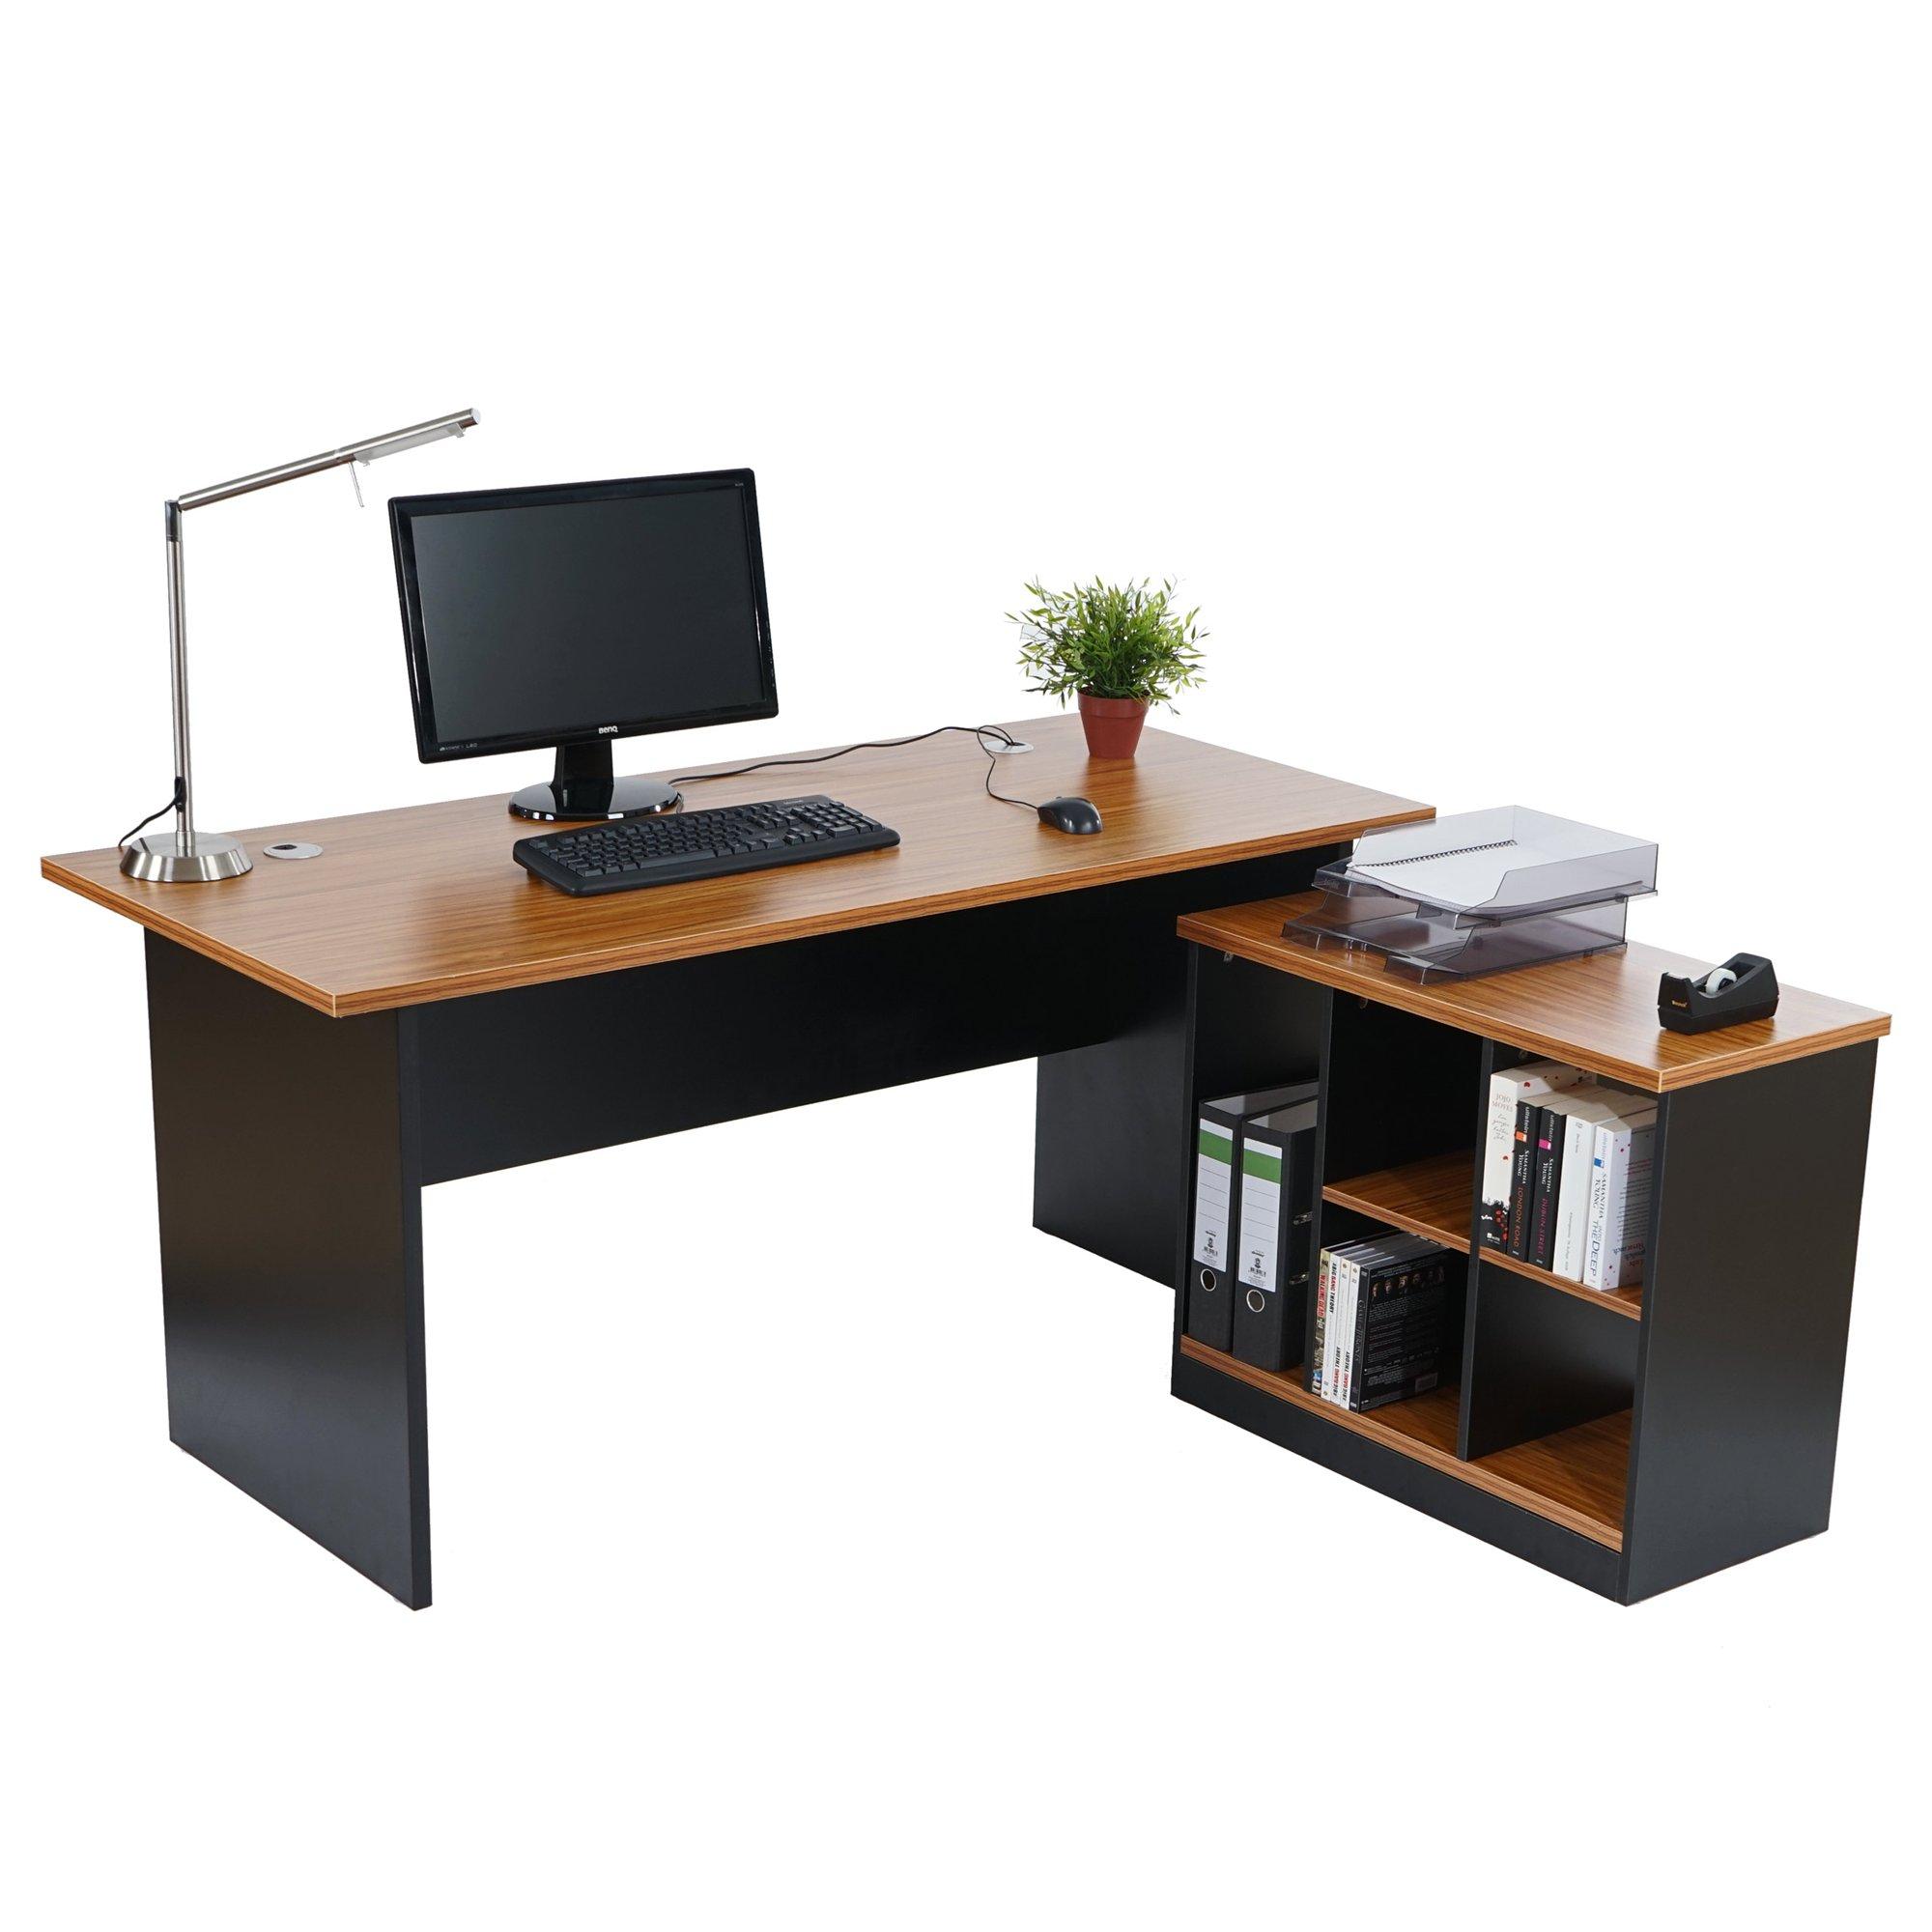 Escritorio de oficina en esqui a windsor color cerezo for Dimensiones escritorio oficina